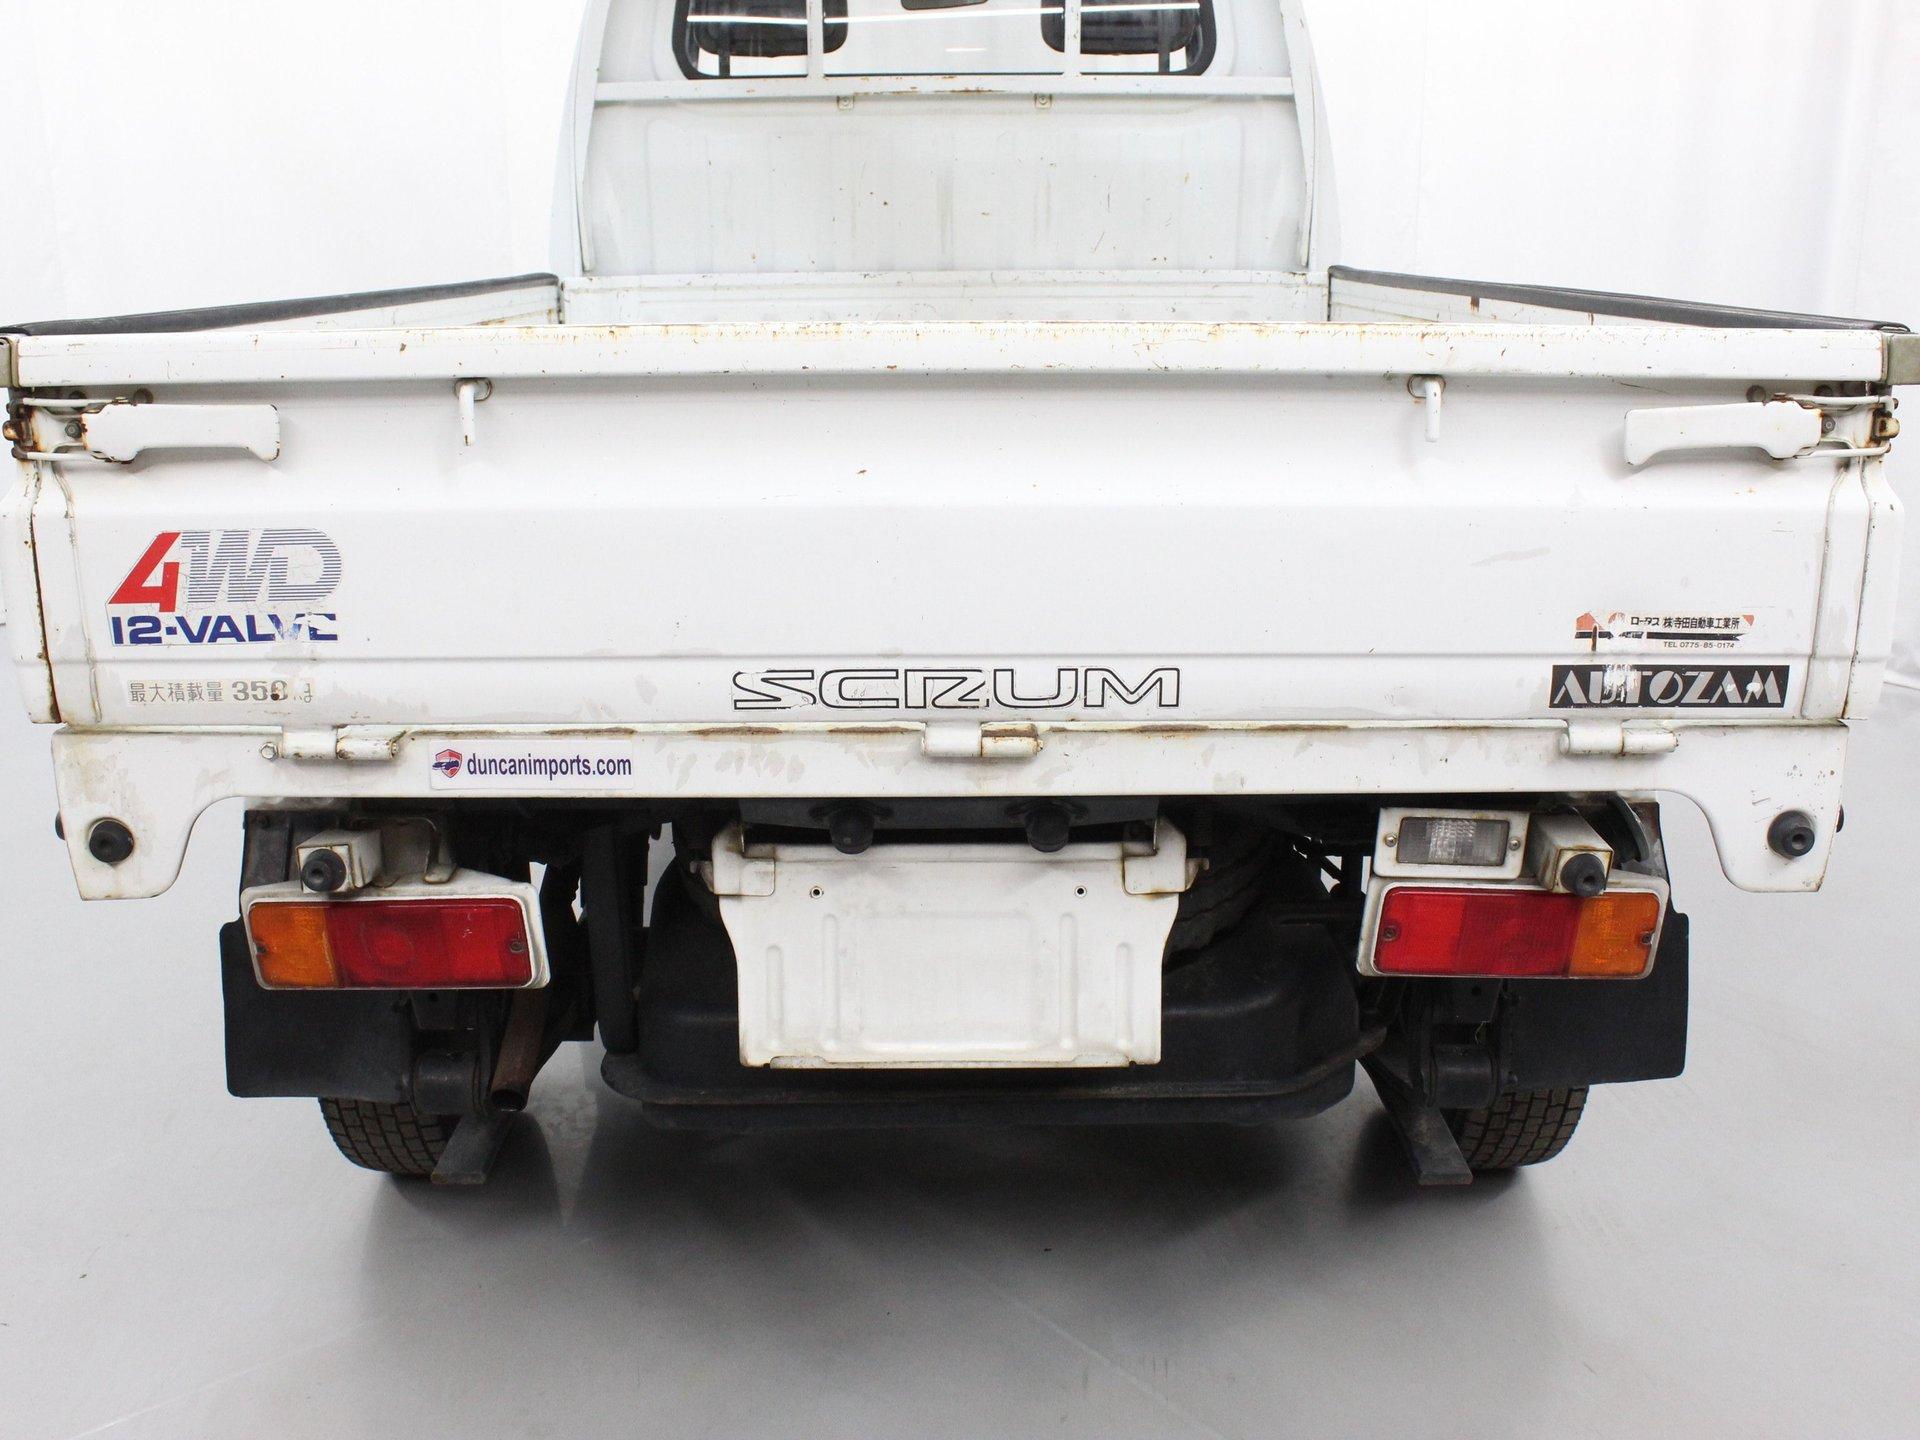 1990 Autozam Scrum